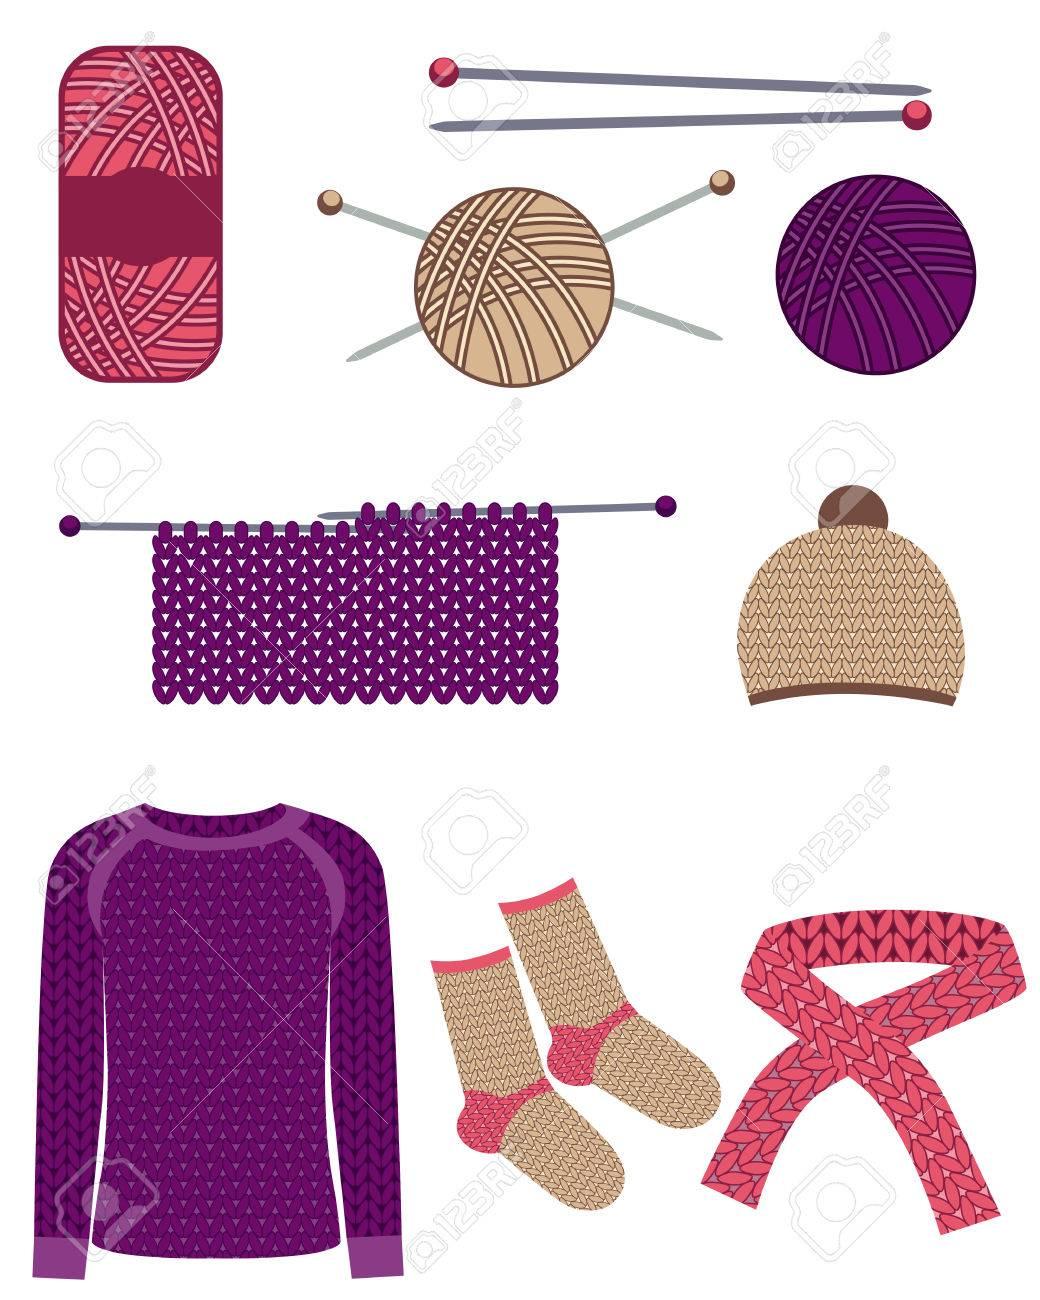 Conjunto De Tejer. Tejer Suéteres, Calcetines, Gorro Y Bufanda ...